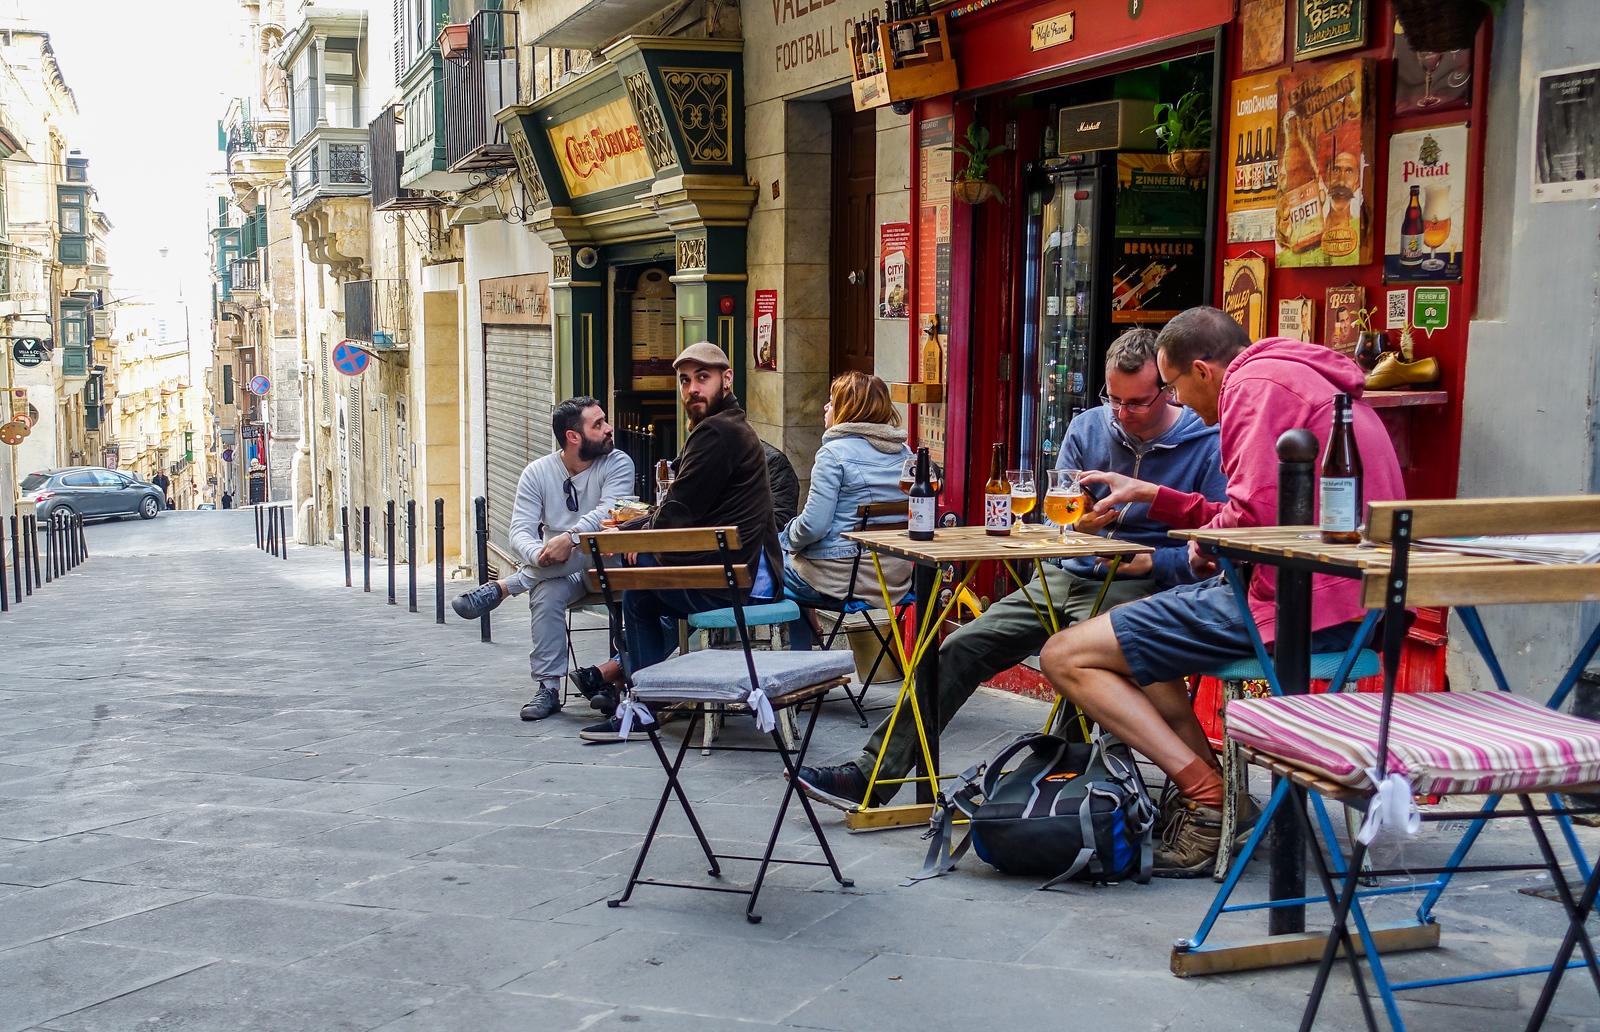 Malta Itinerary. Where to drink in Malta